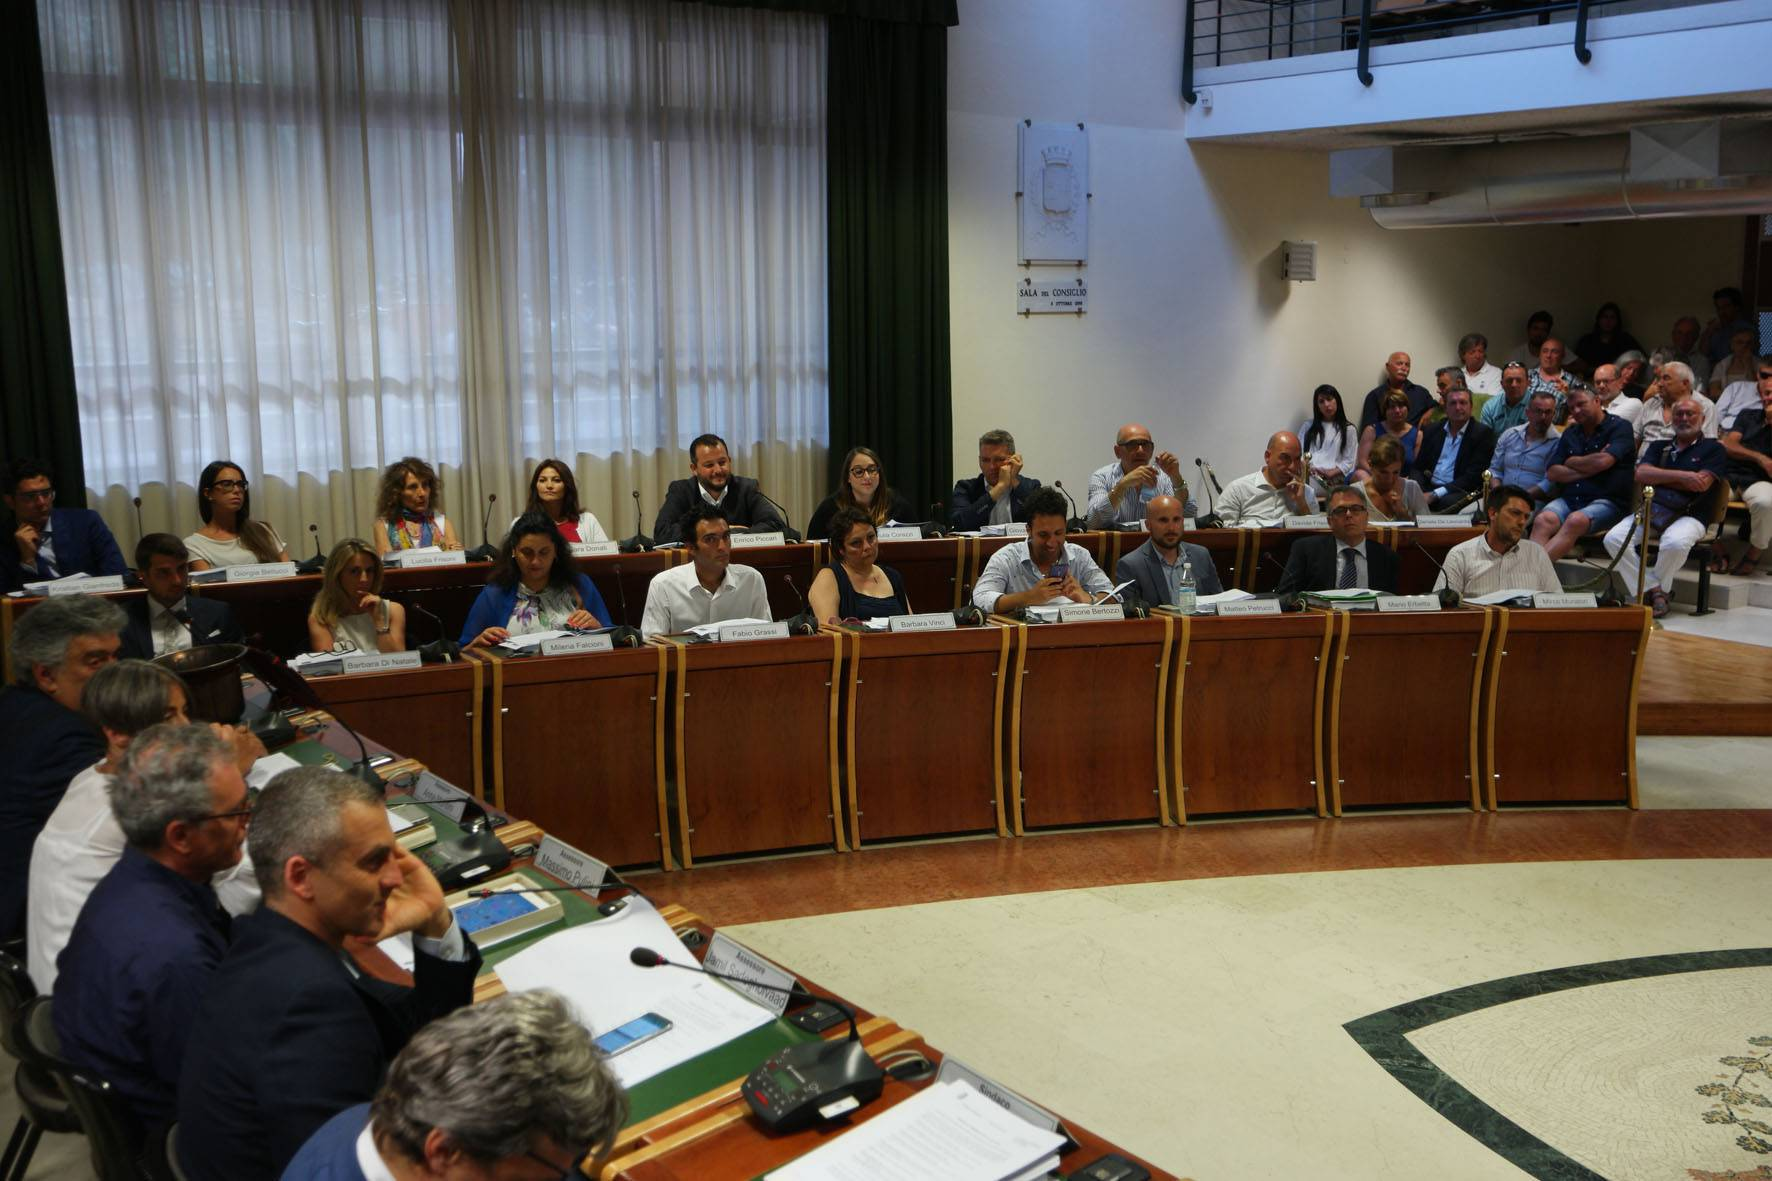 Oggi si riunisce il Consiglio Comunale. Dirette sospese per par condicio